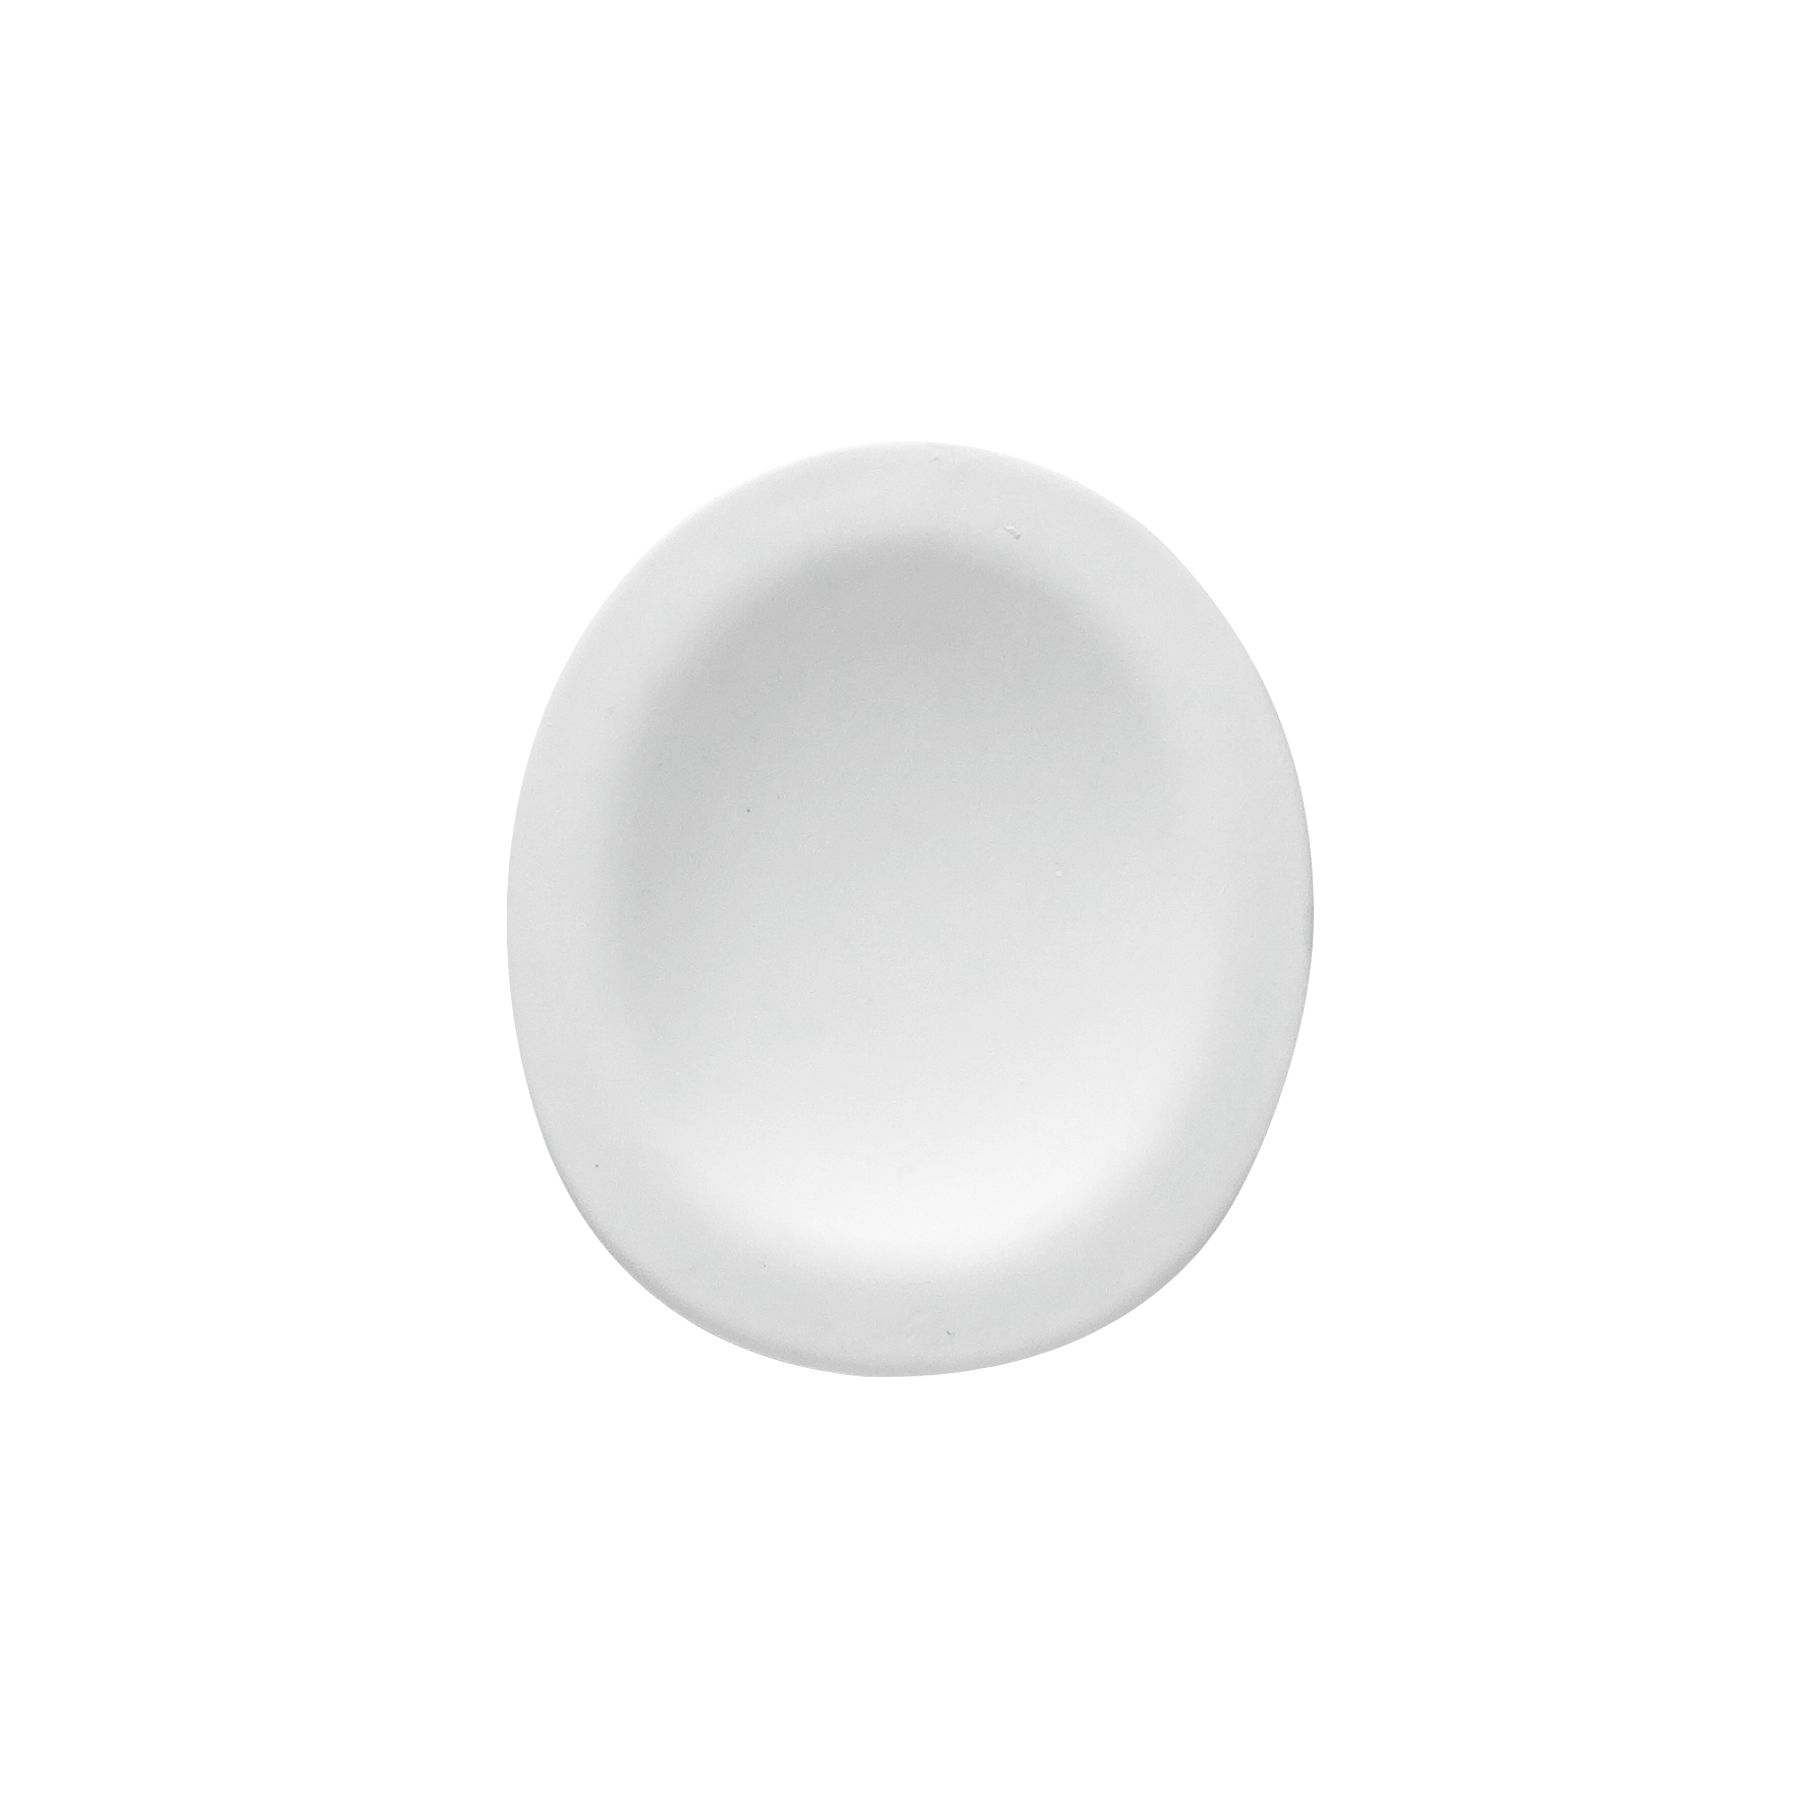 Arts de la table - Saladiers, coupes et bols - Coupelle Jo 1 / 7 x 8 cm - cookplay - Blanc mat - Porcelaine mate